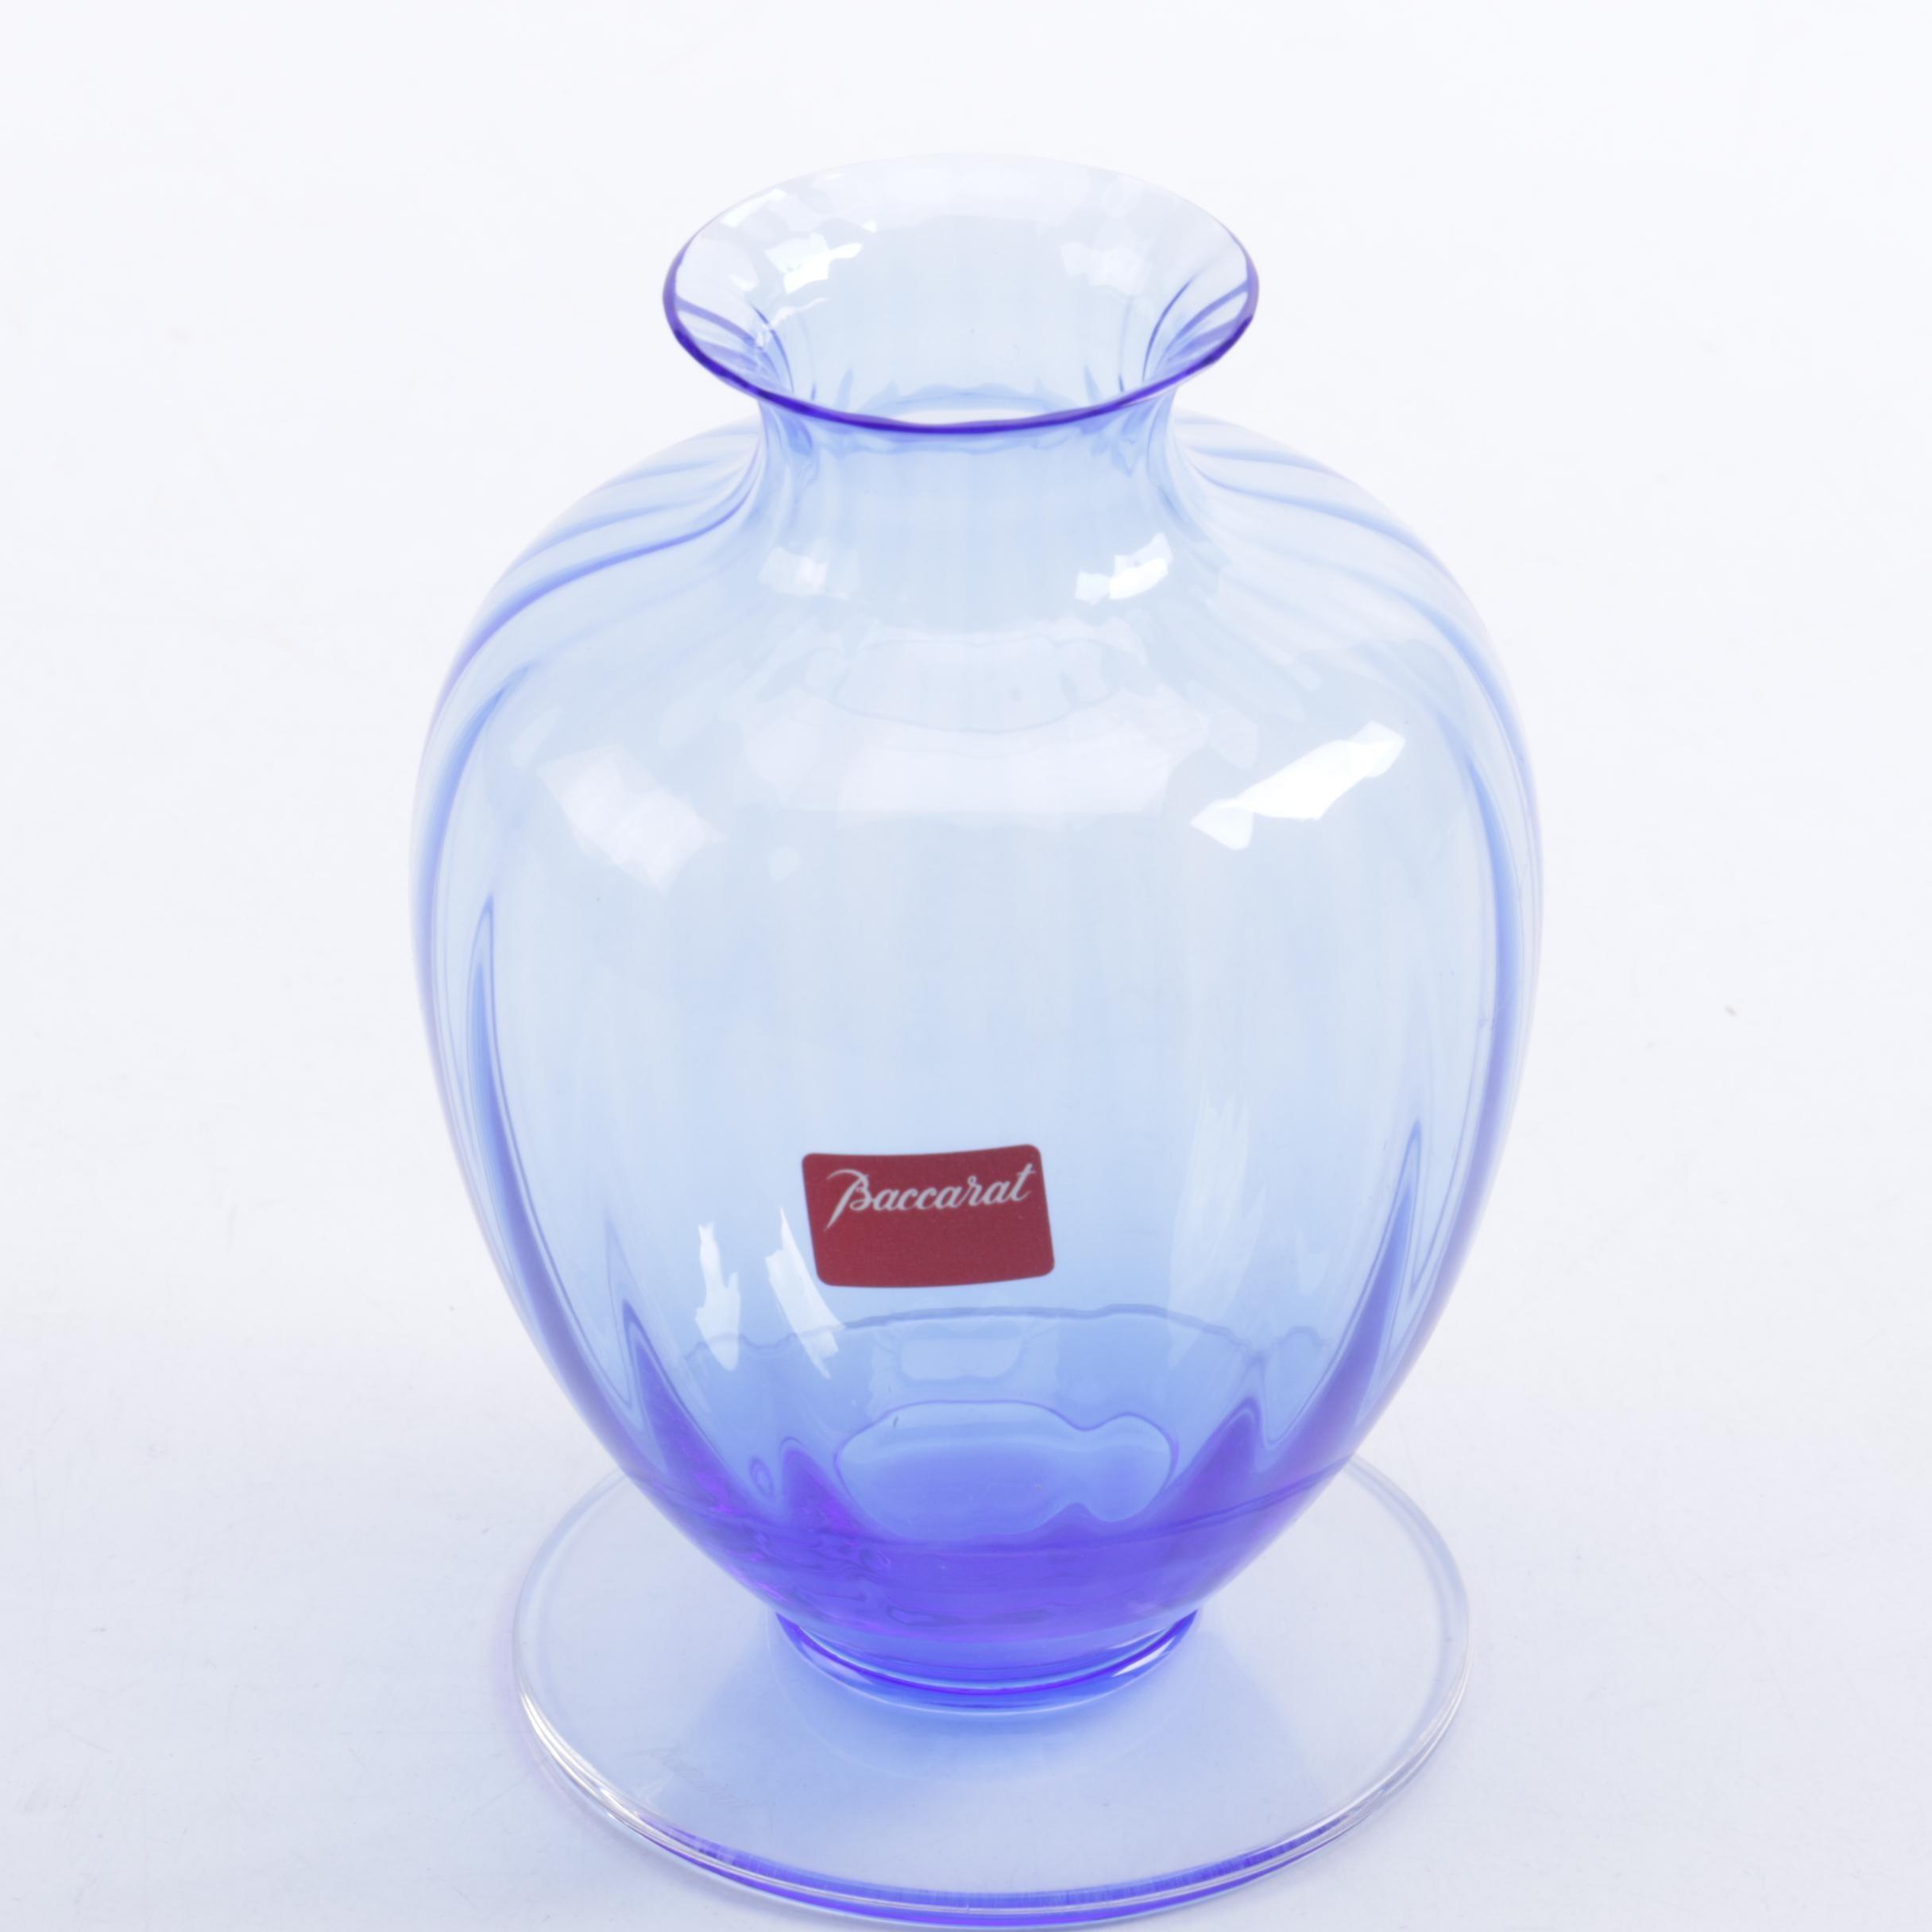 Vintage Baccarat Crystal Vase